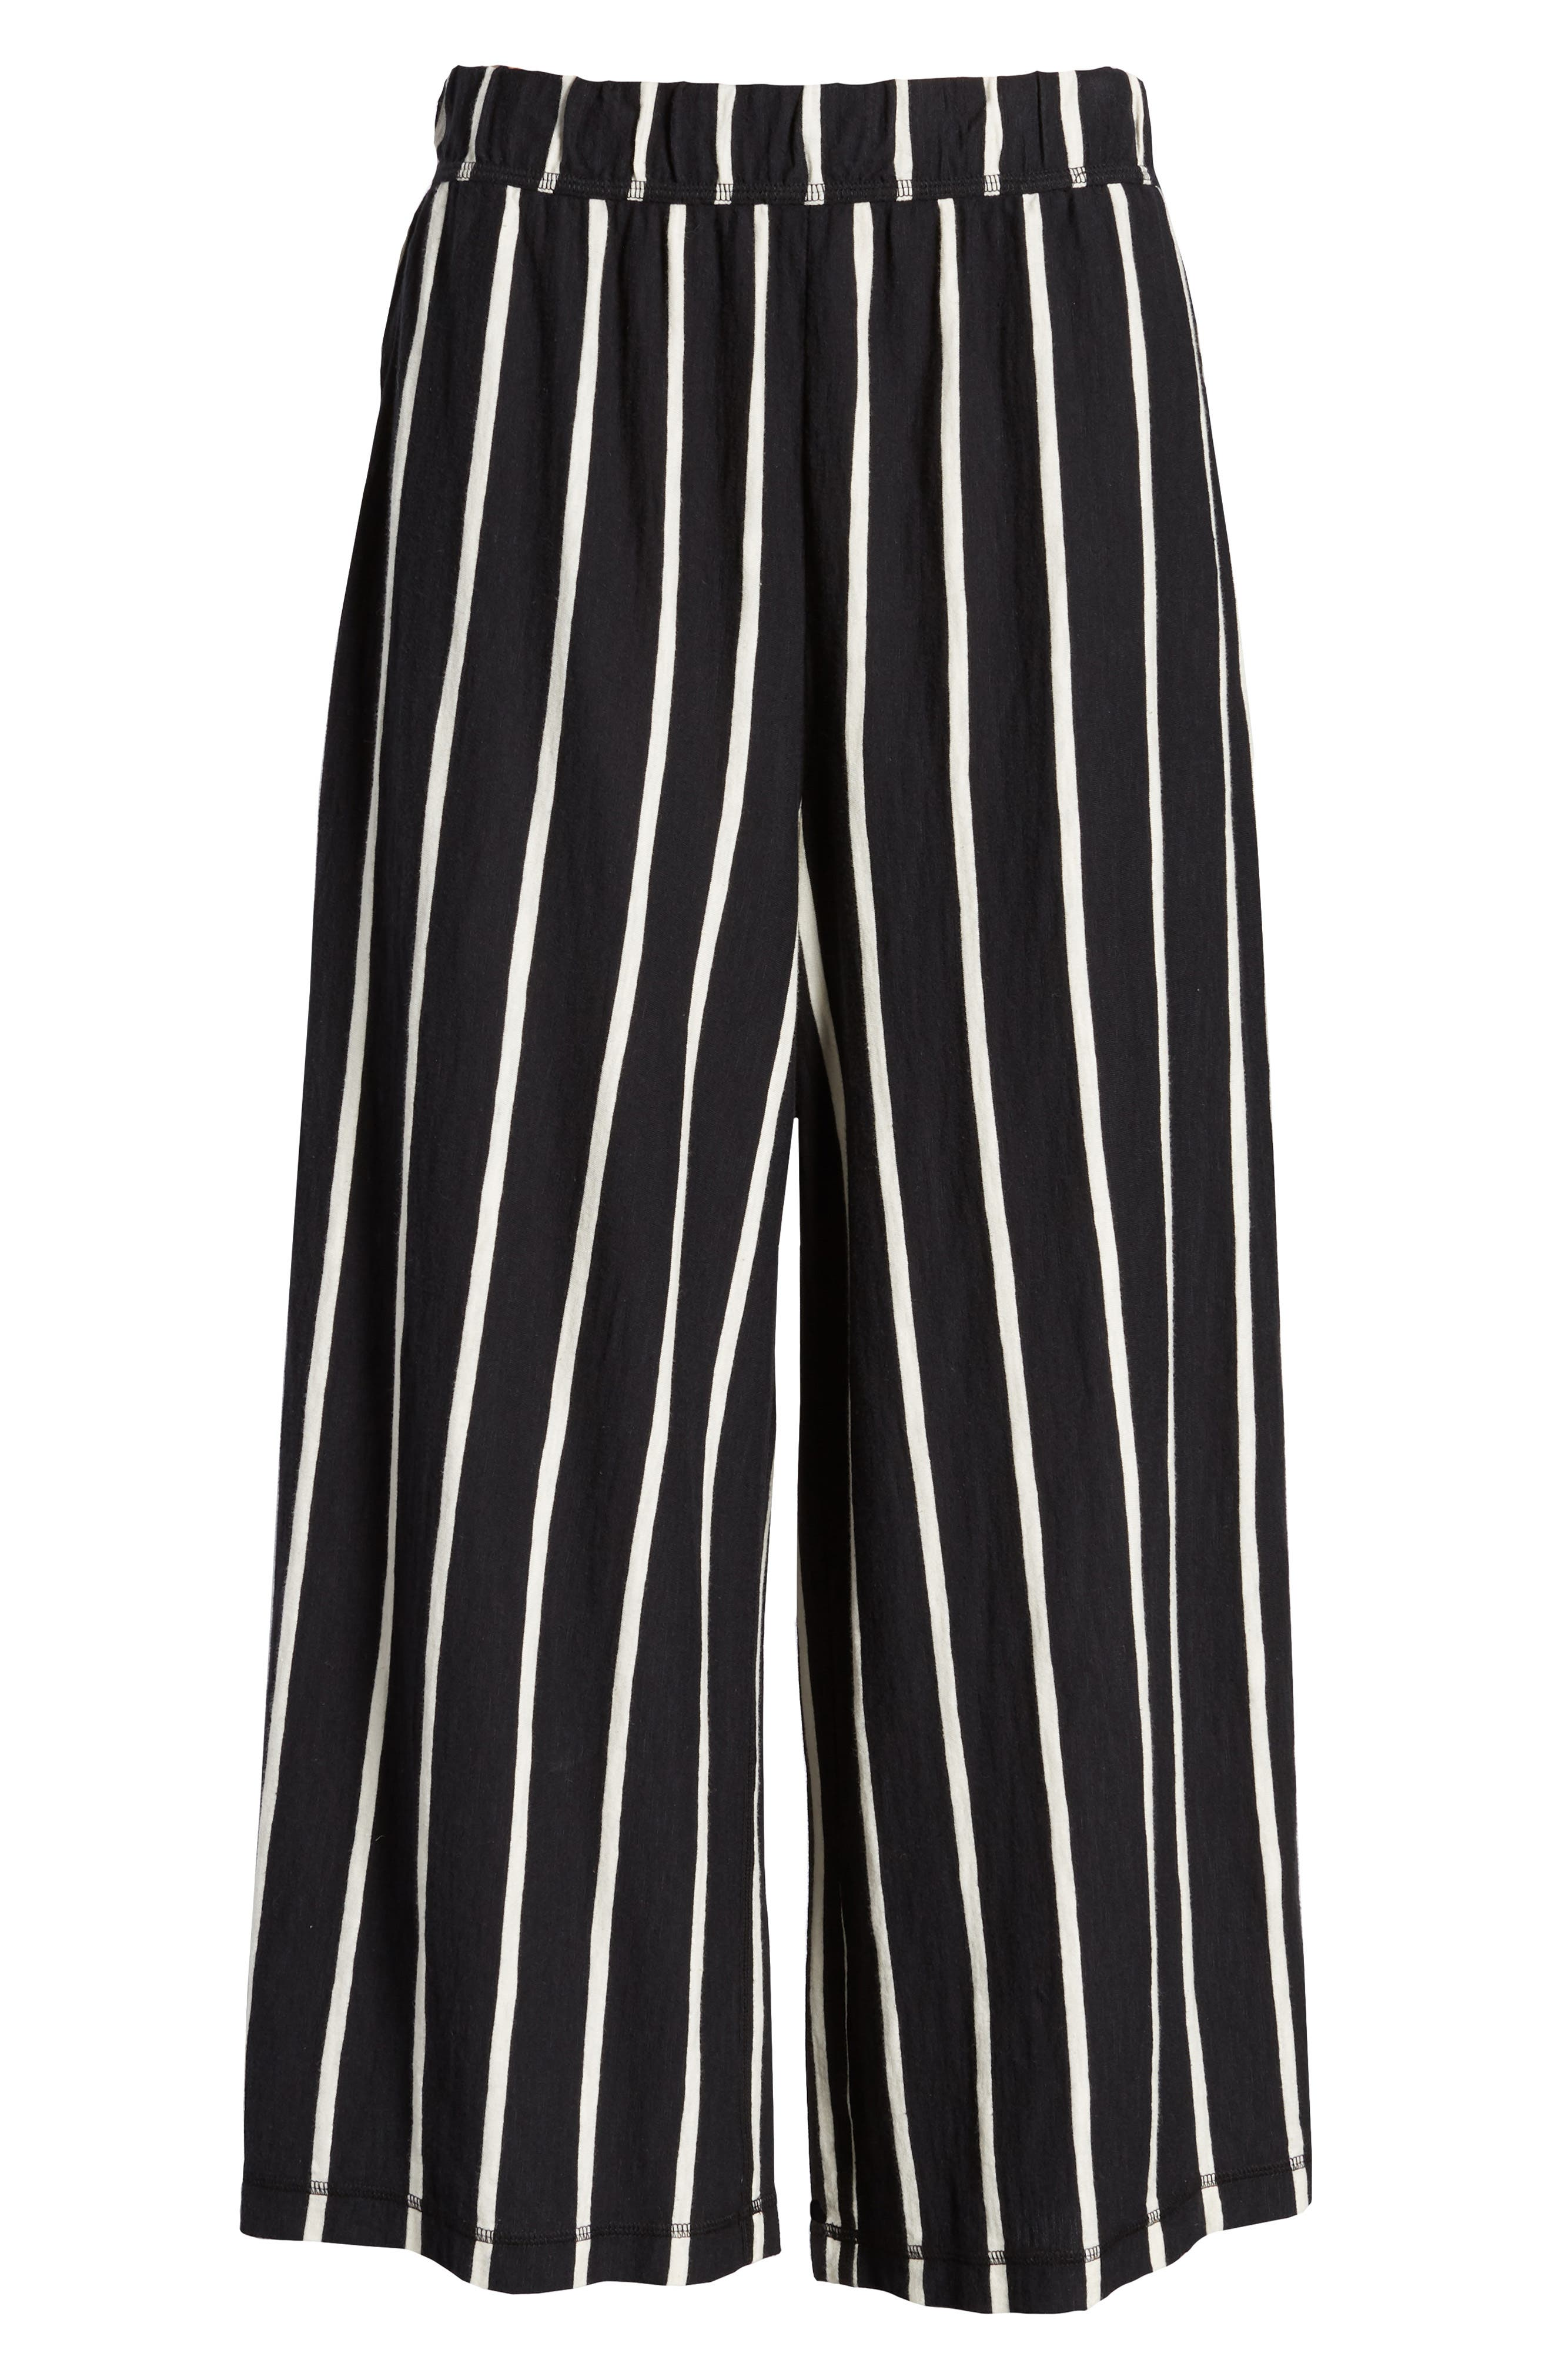 Stripe Organic Cotton Capri Pants,                             Alternate thumbnail 7, color,                             018